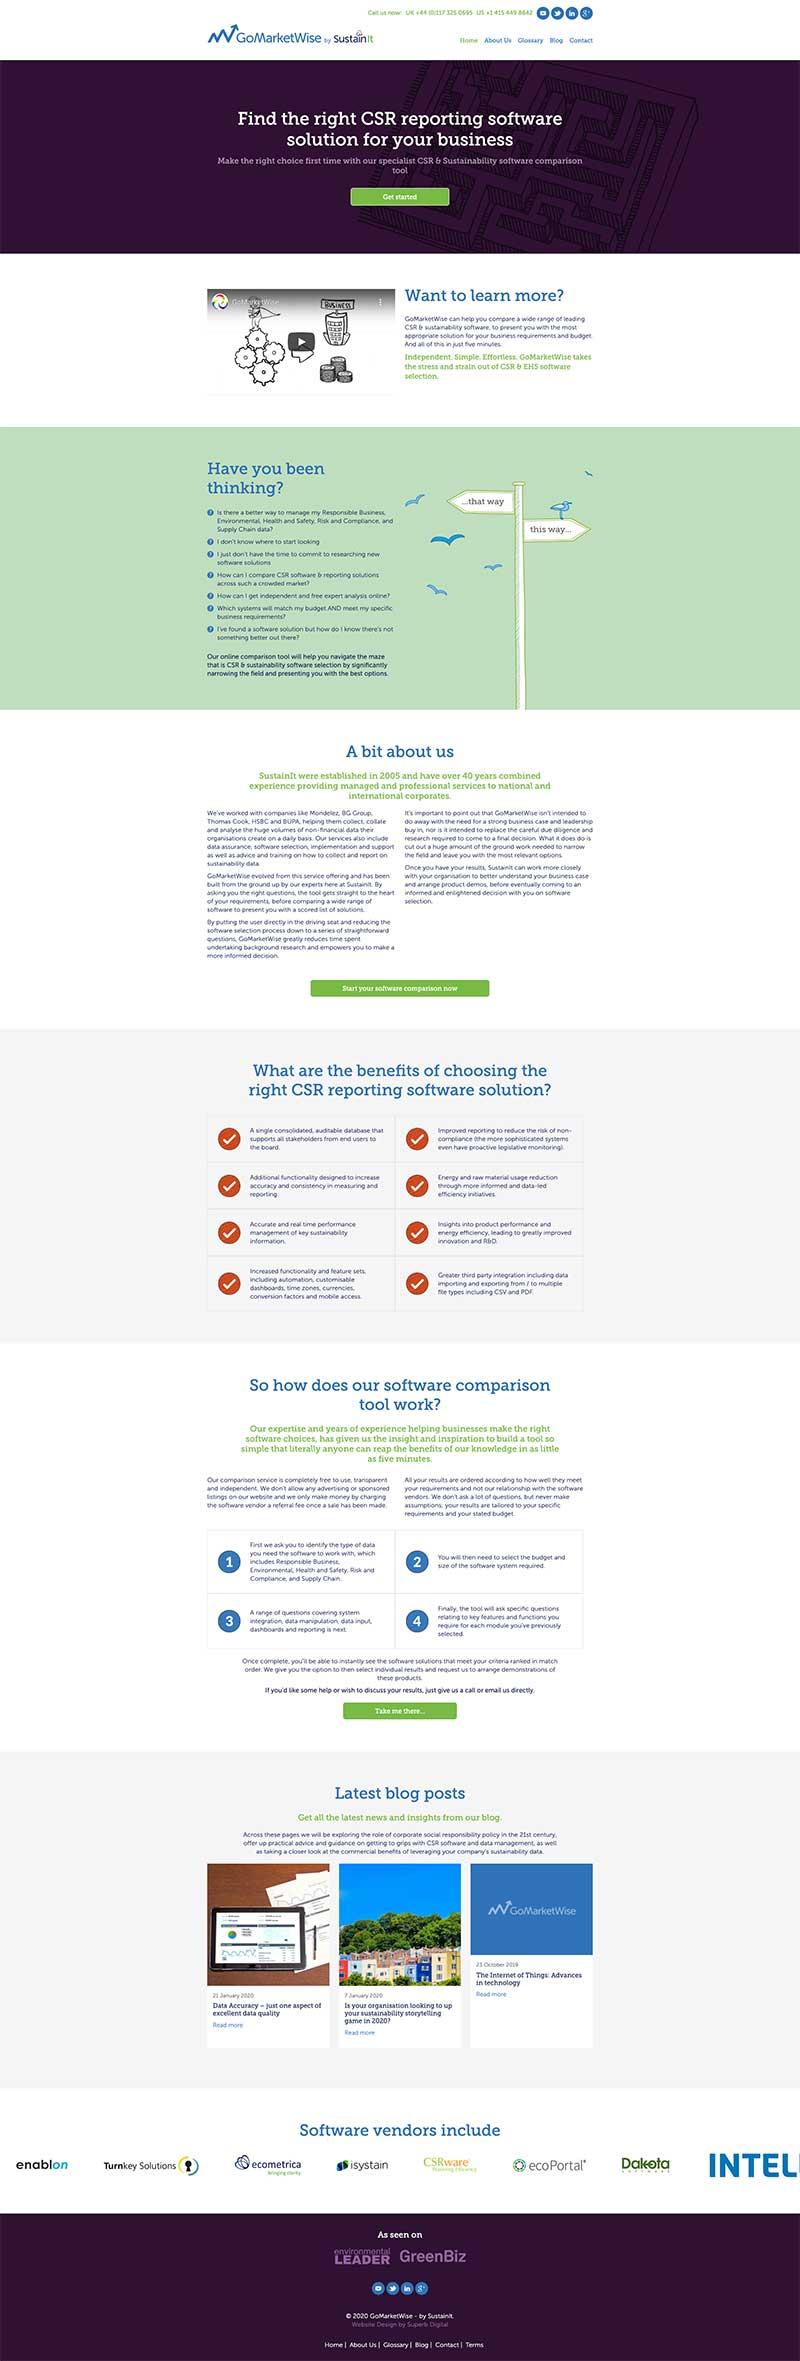 GoMarketwise website design